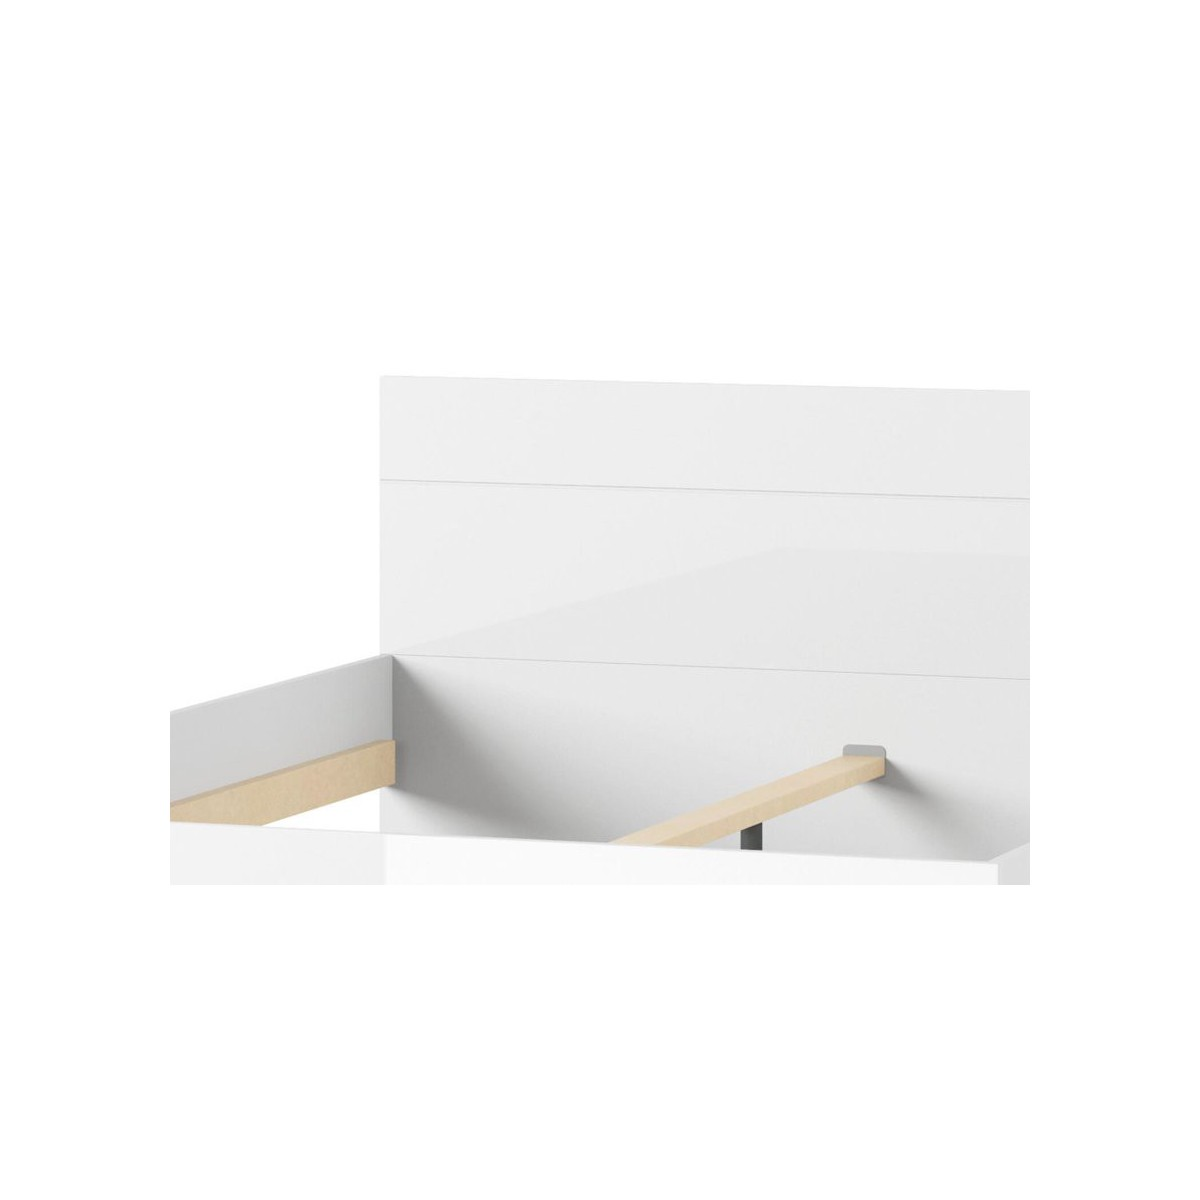 Łóżko 180 cm Selene biały połysk Typ 35